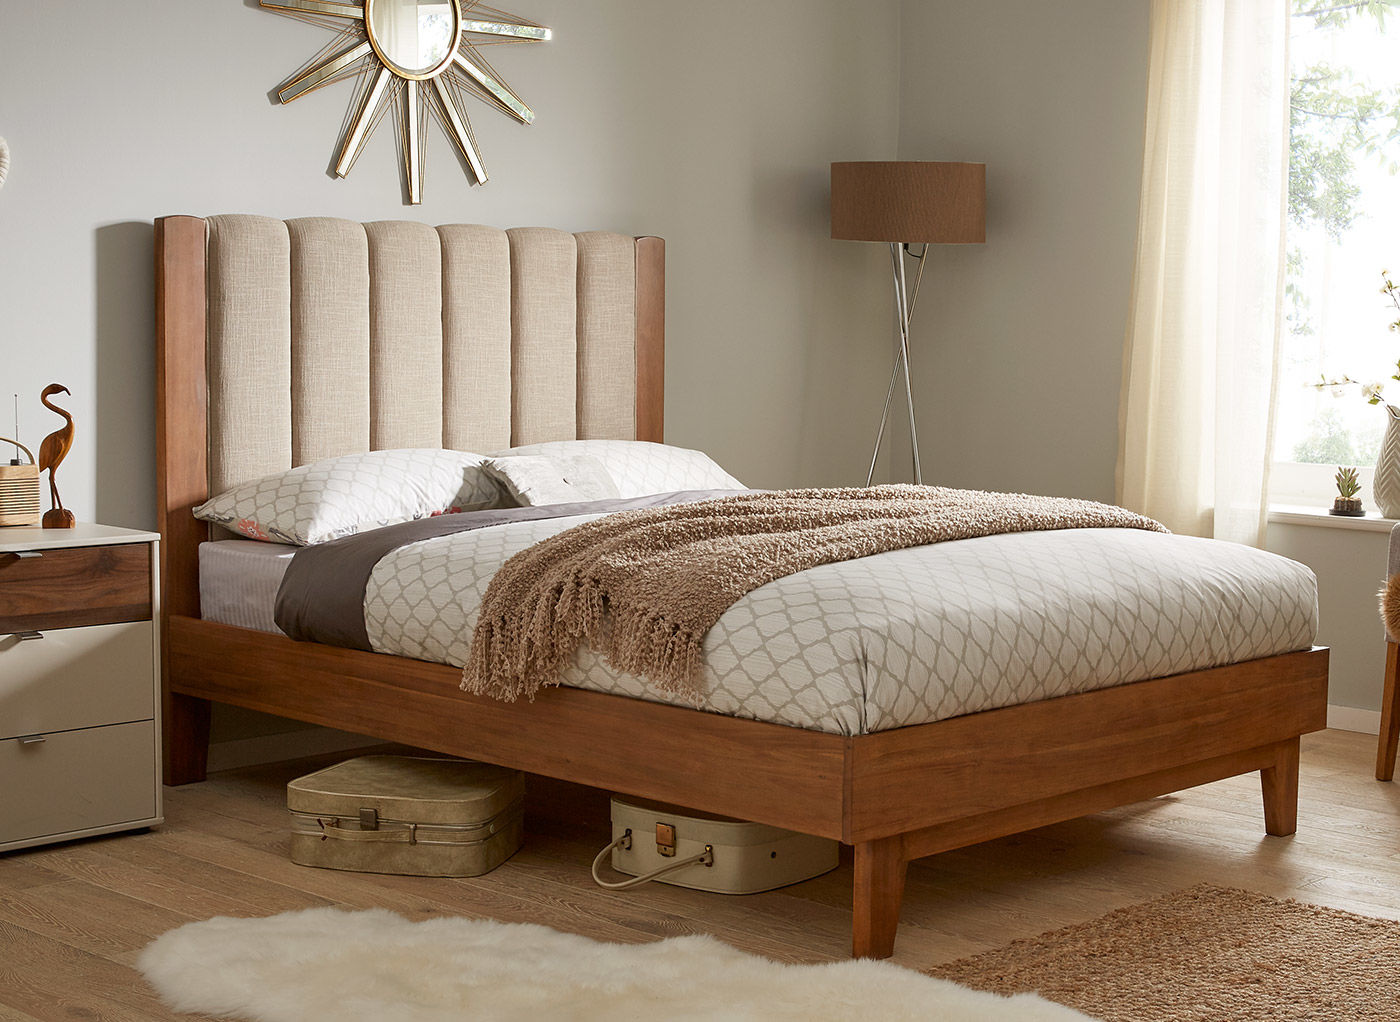 Картинки по запросу Почему стоит выбрать деревянную кровать?